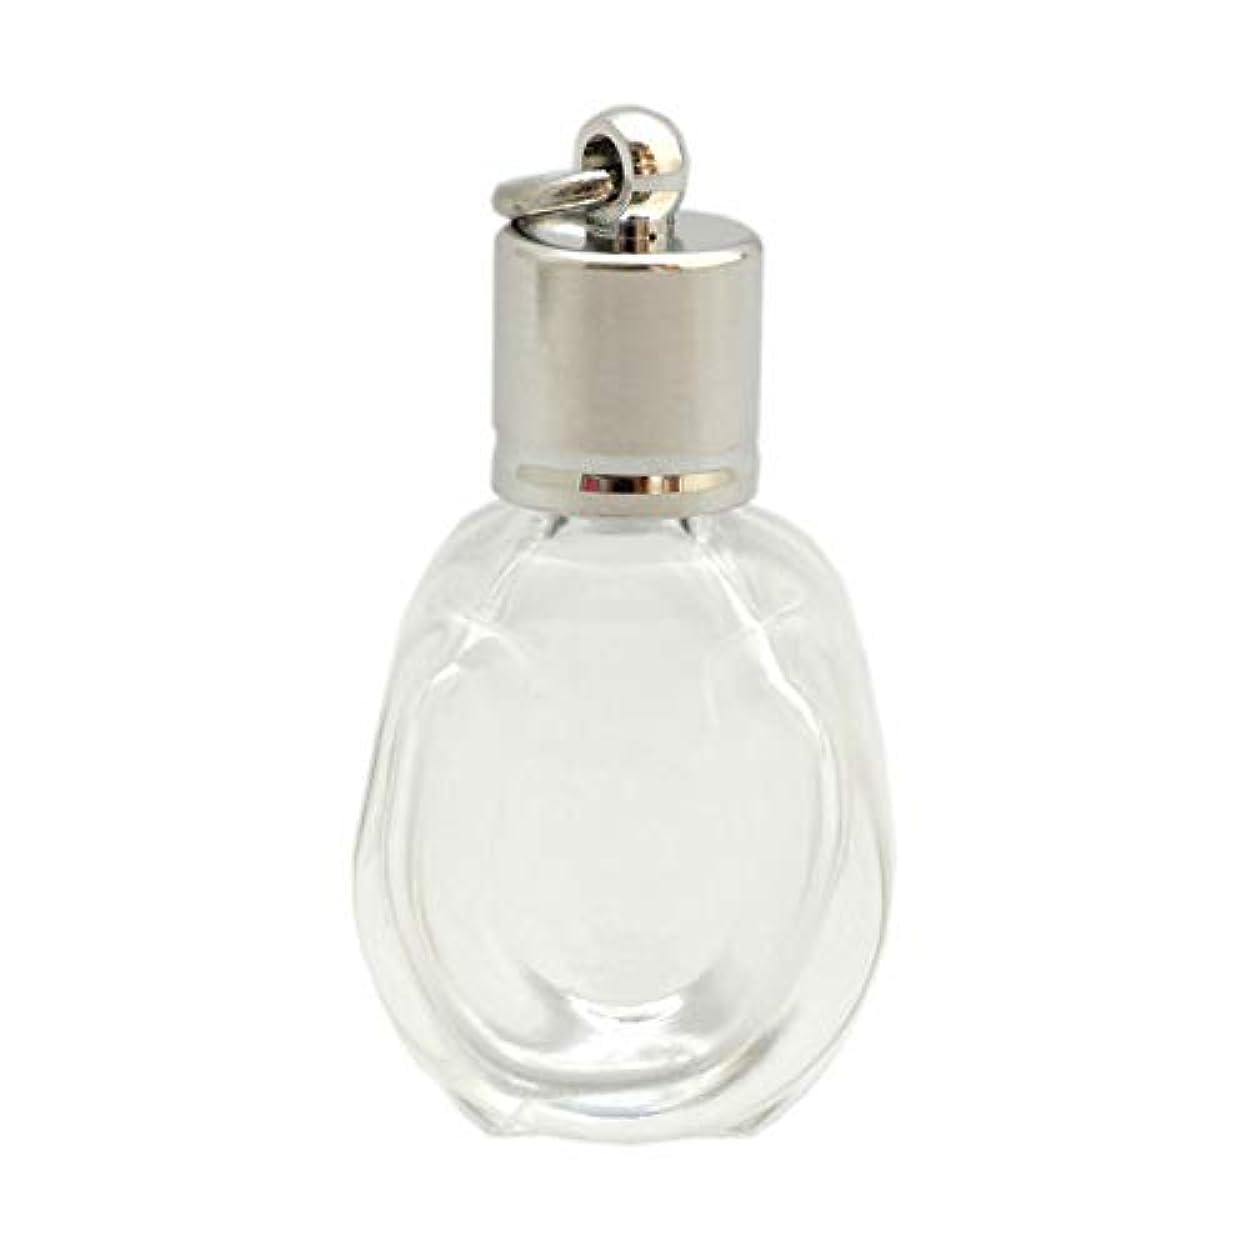 かすかな抹消プロテスタントミニ香水瓶 アロマペンダントトップ 馬蹄型(透明 容量1.3ml)×穴あきキャップ シルバー